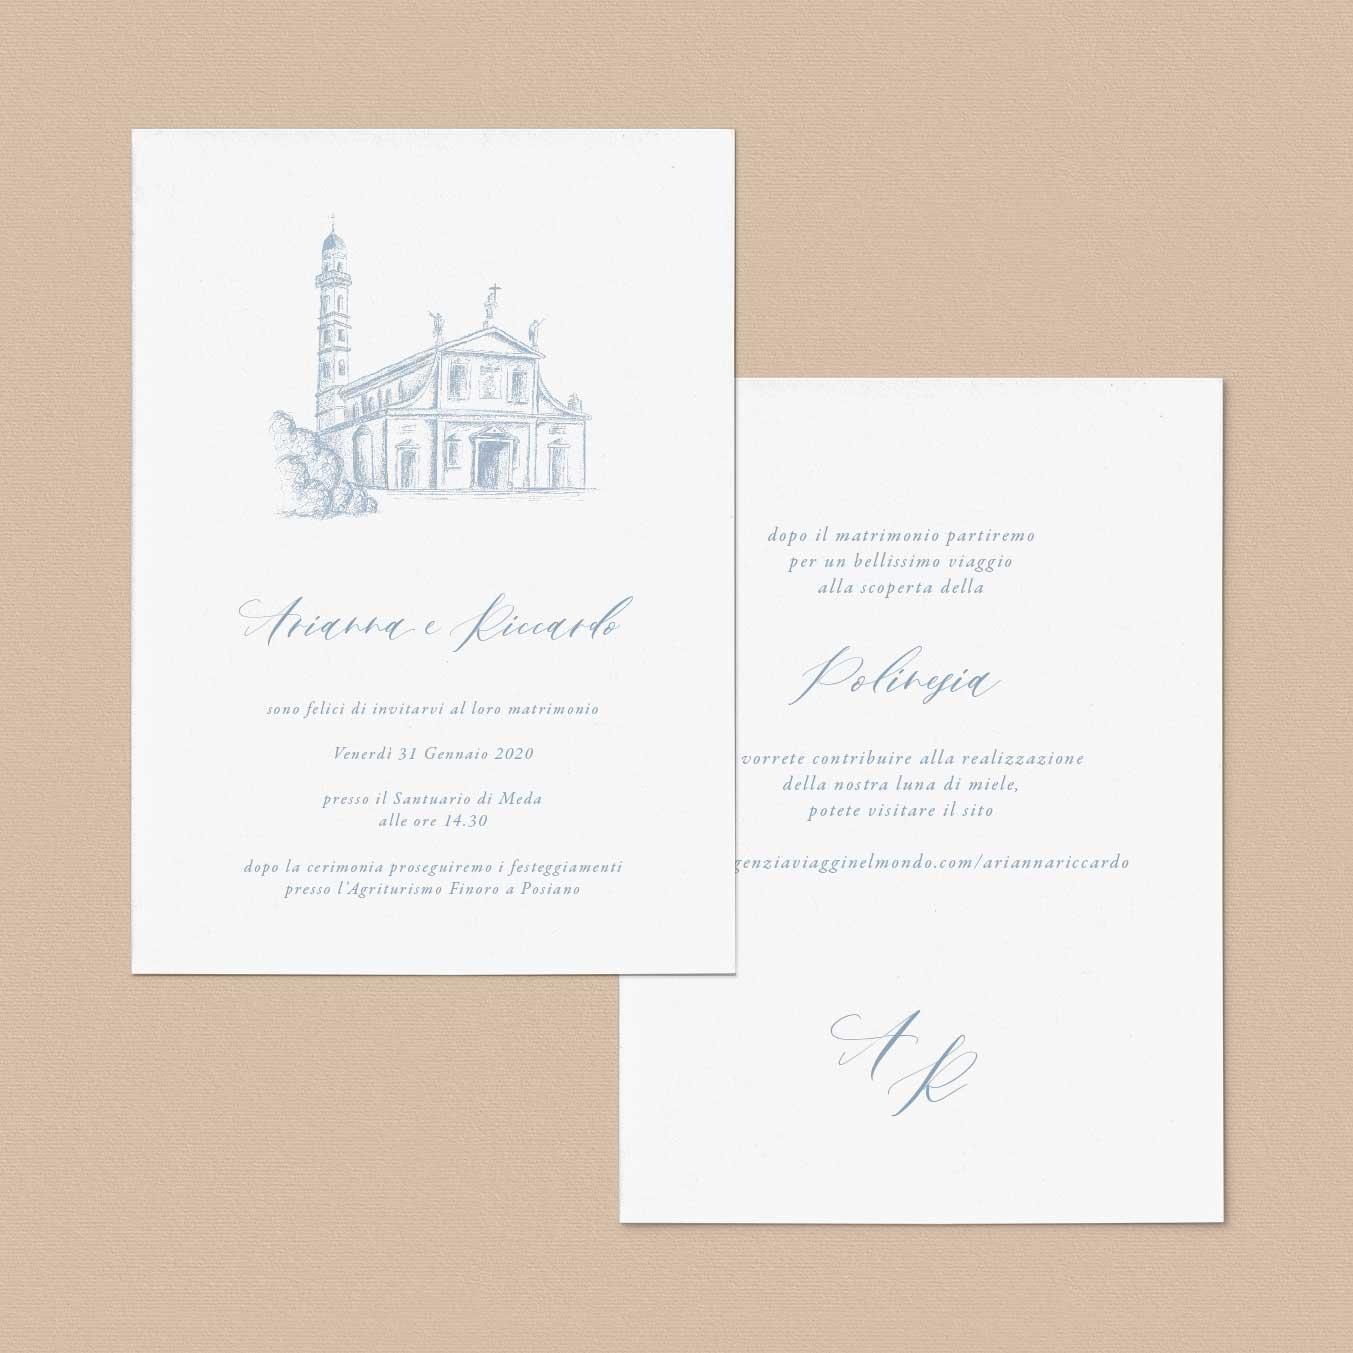 Partecipazioni-matrimonio-inviti-nozze-2020-messa-chiesa-santuario-illustrato-illustrazione-disegno-personalizzato-personalizzate